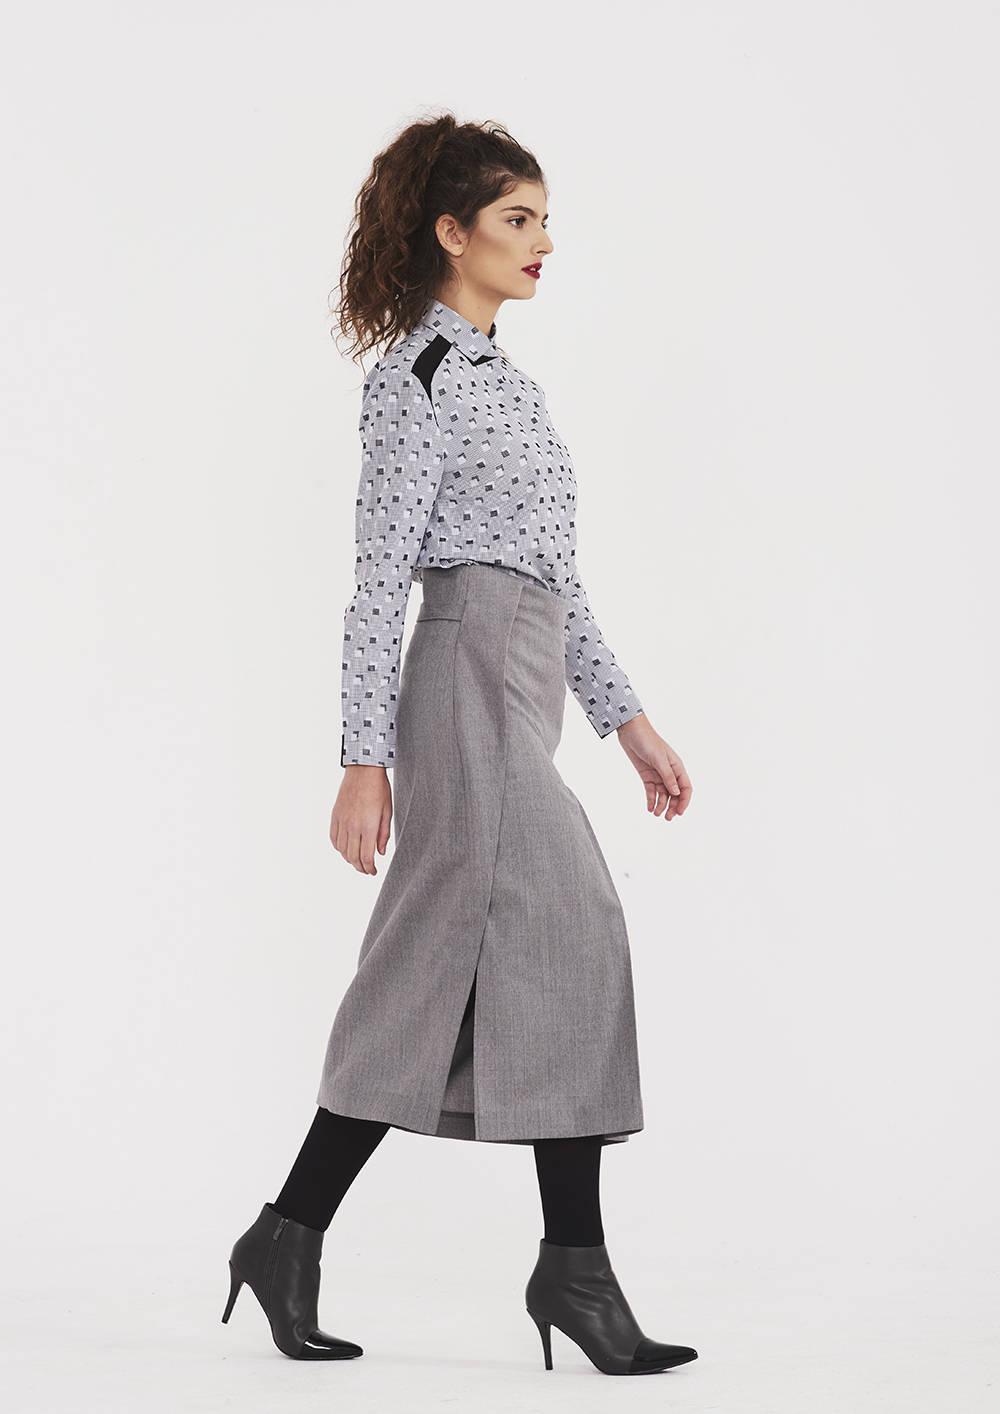 d21a88b3174 High Waist Skirt In Gray - ALLSEAMS